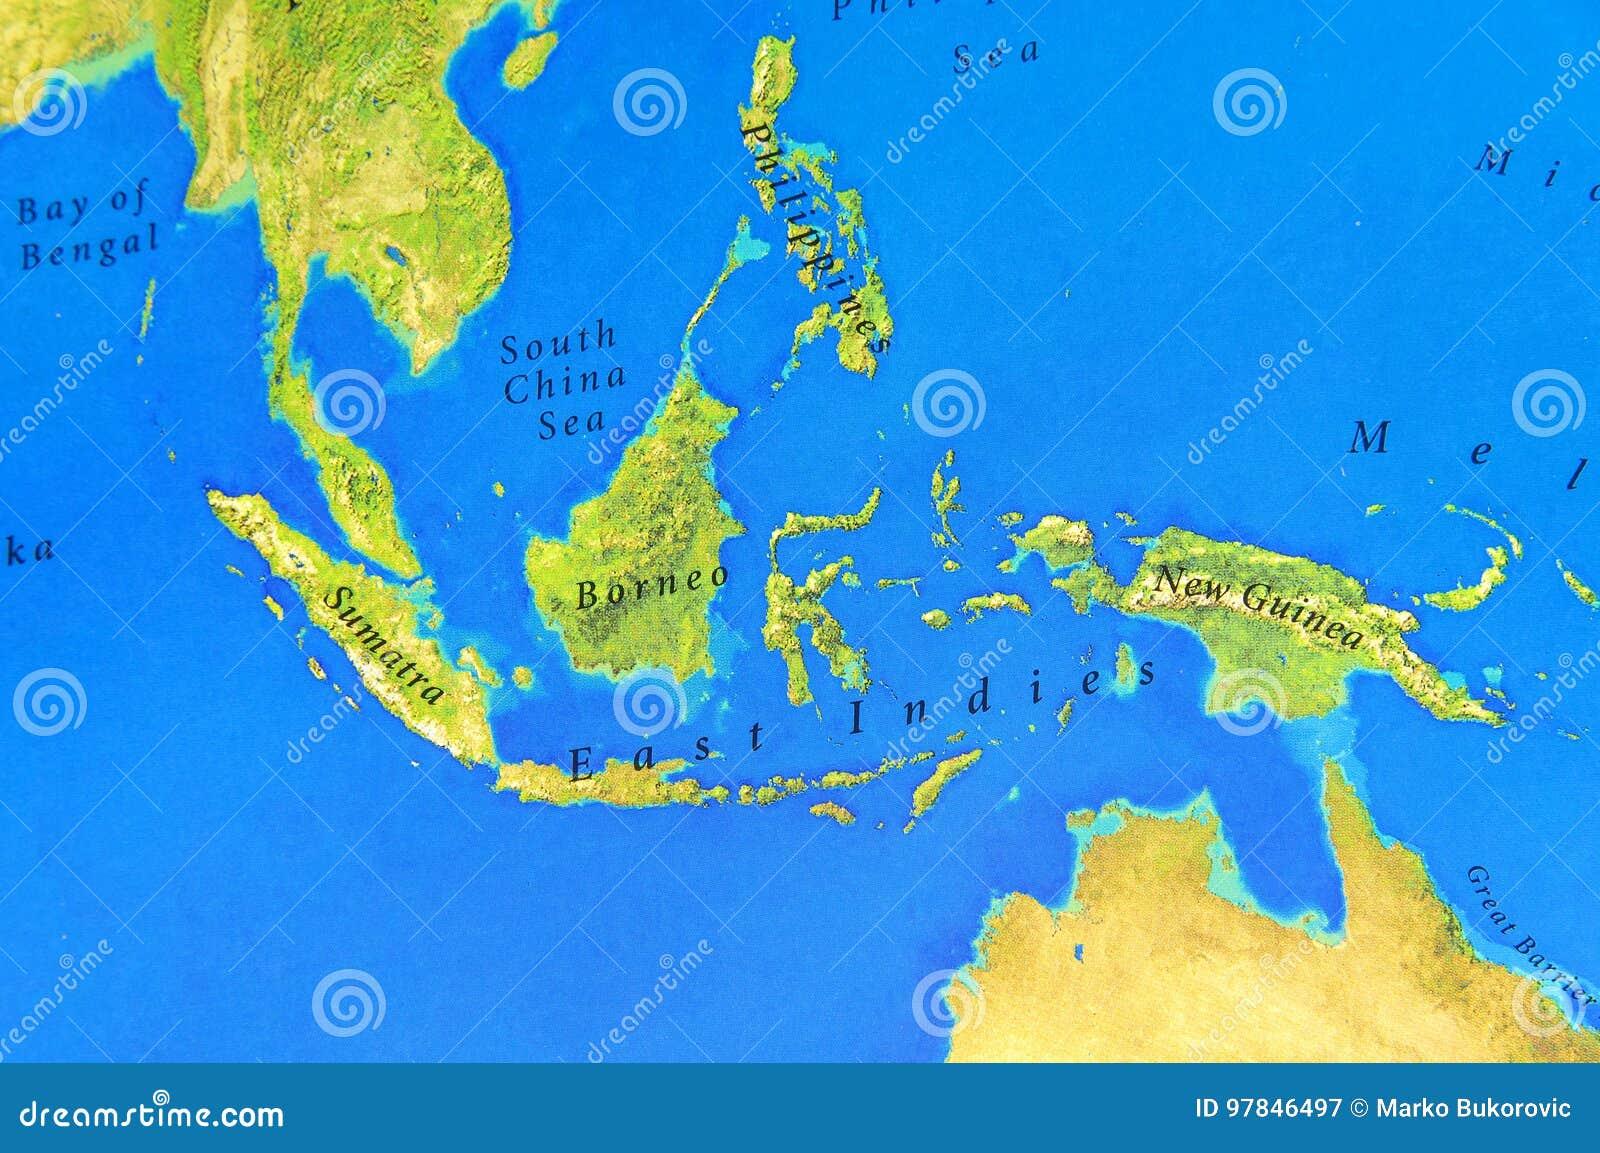 Karte Philippinen.Geographische Karte Von Sumatra Von Borneo Von Neu Guinea Und Von